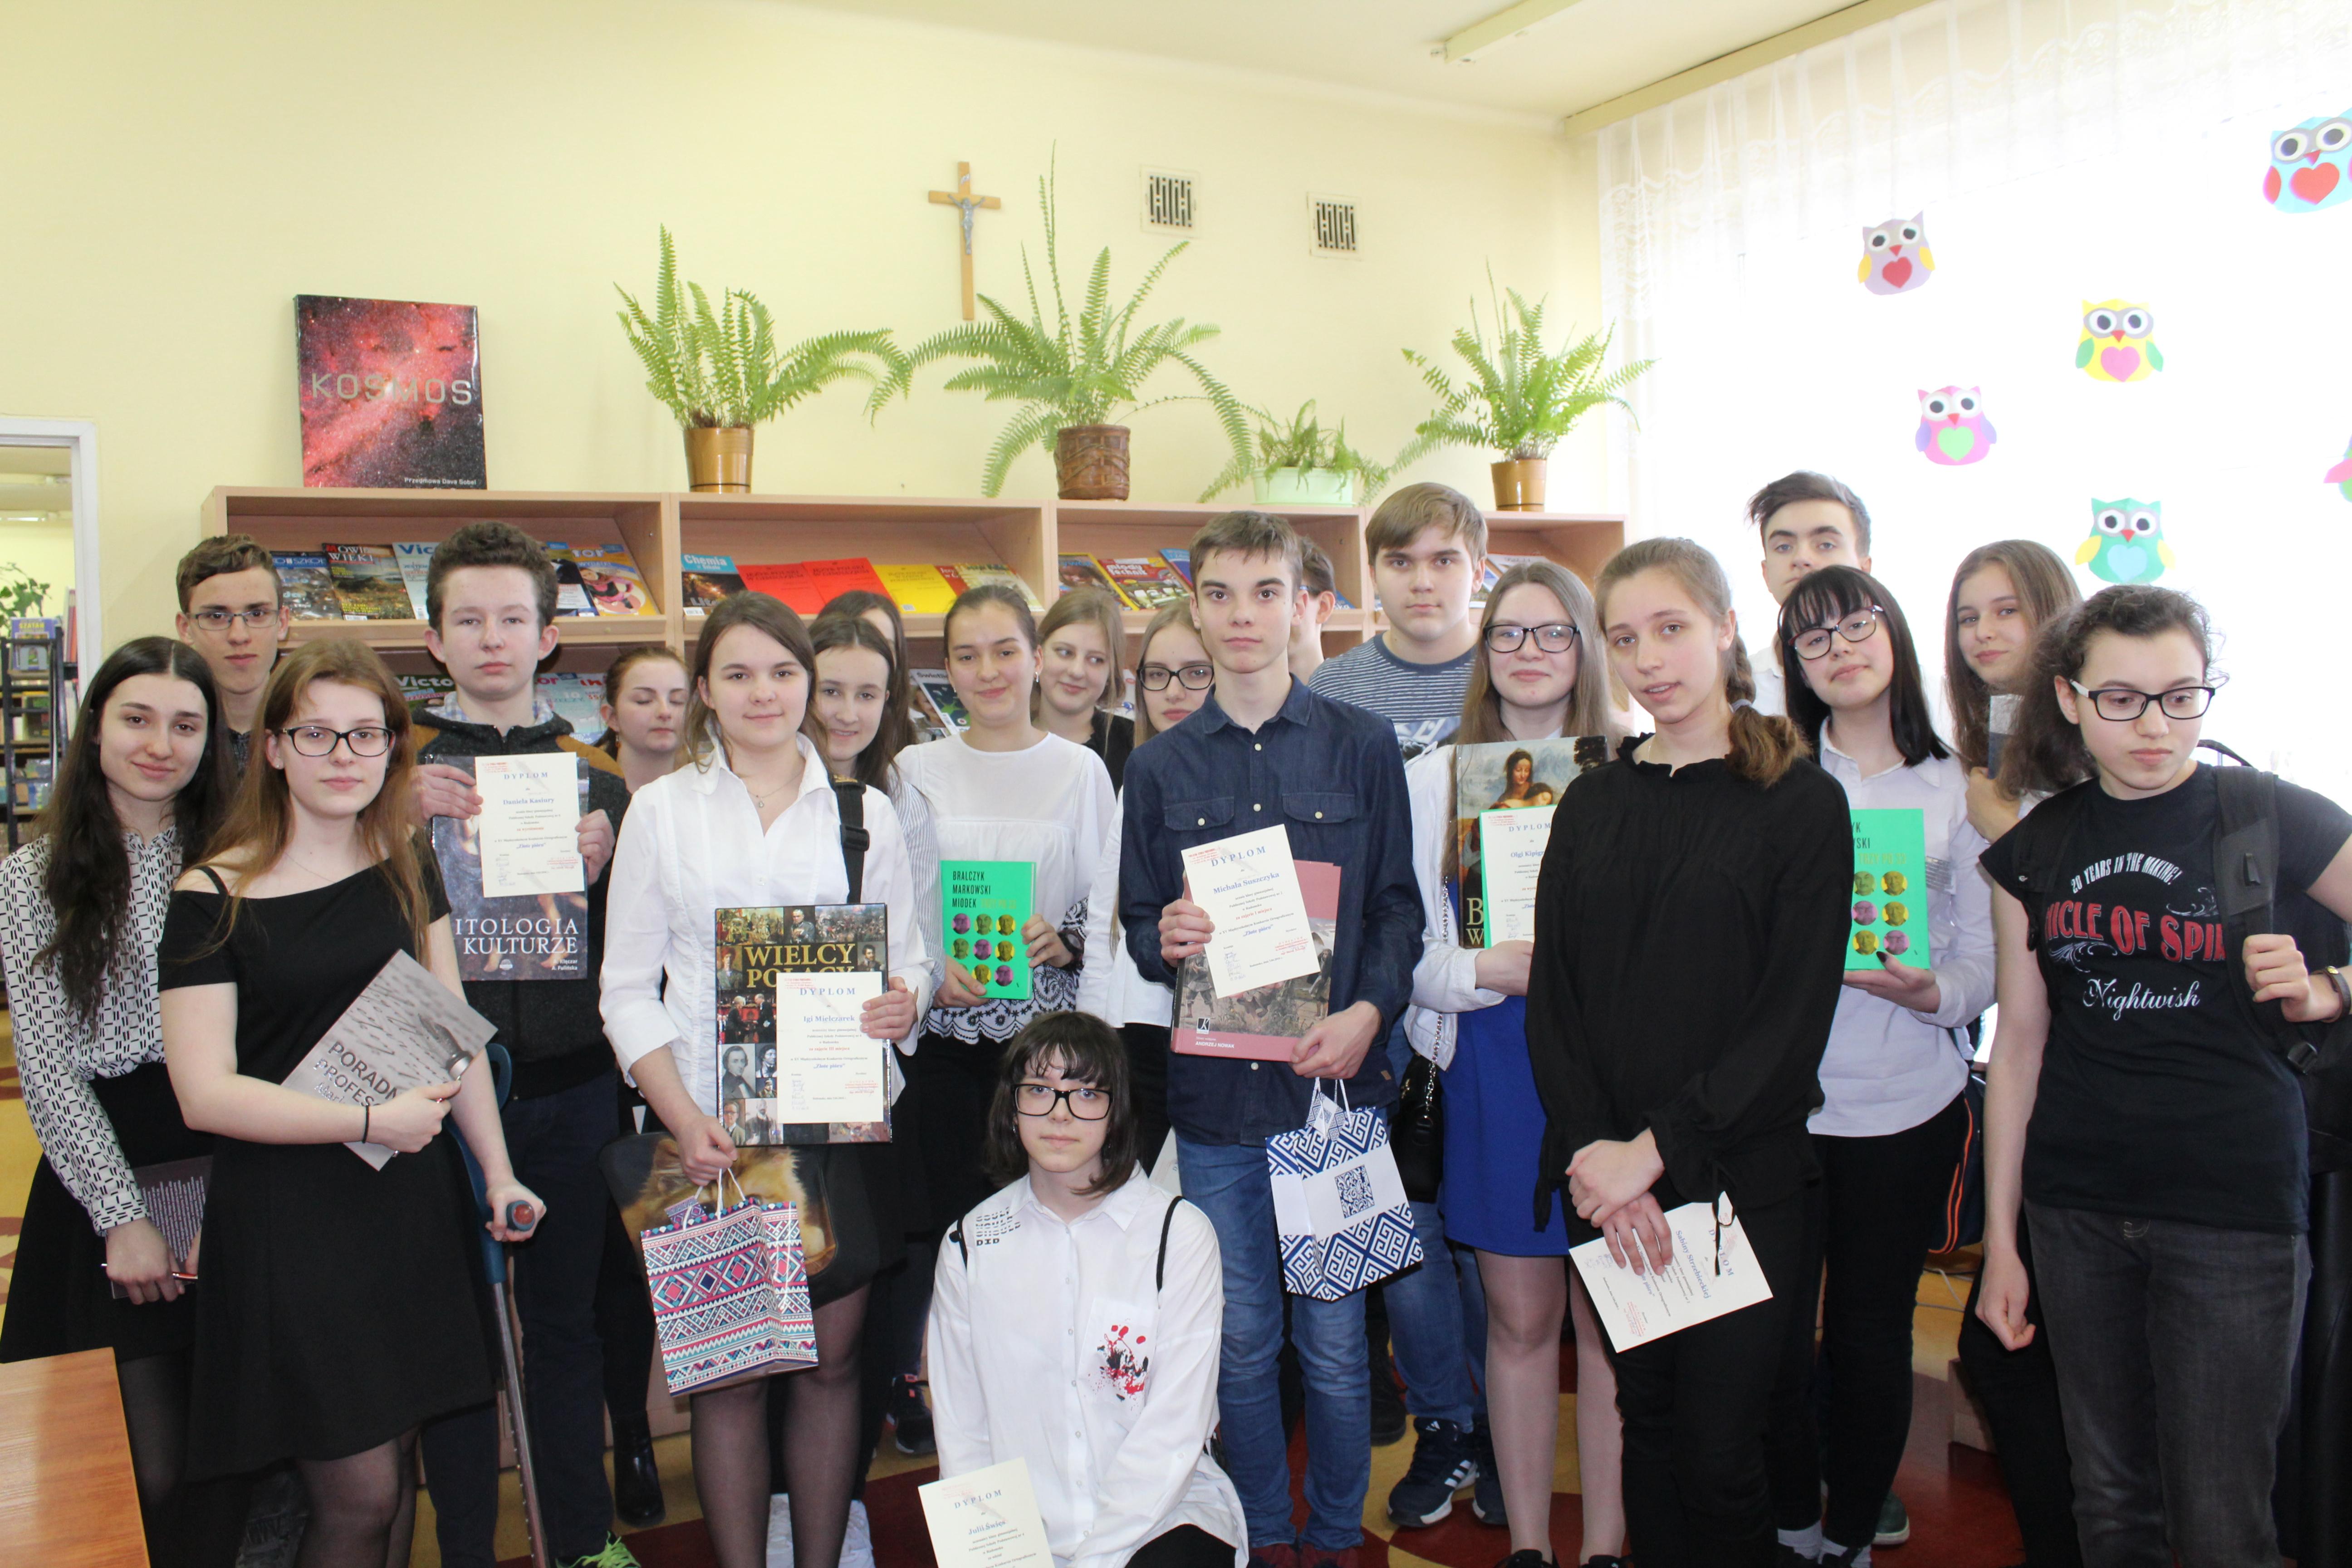 XV Międzyszkolny Konkurs Ortograficzny Złote pióro